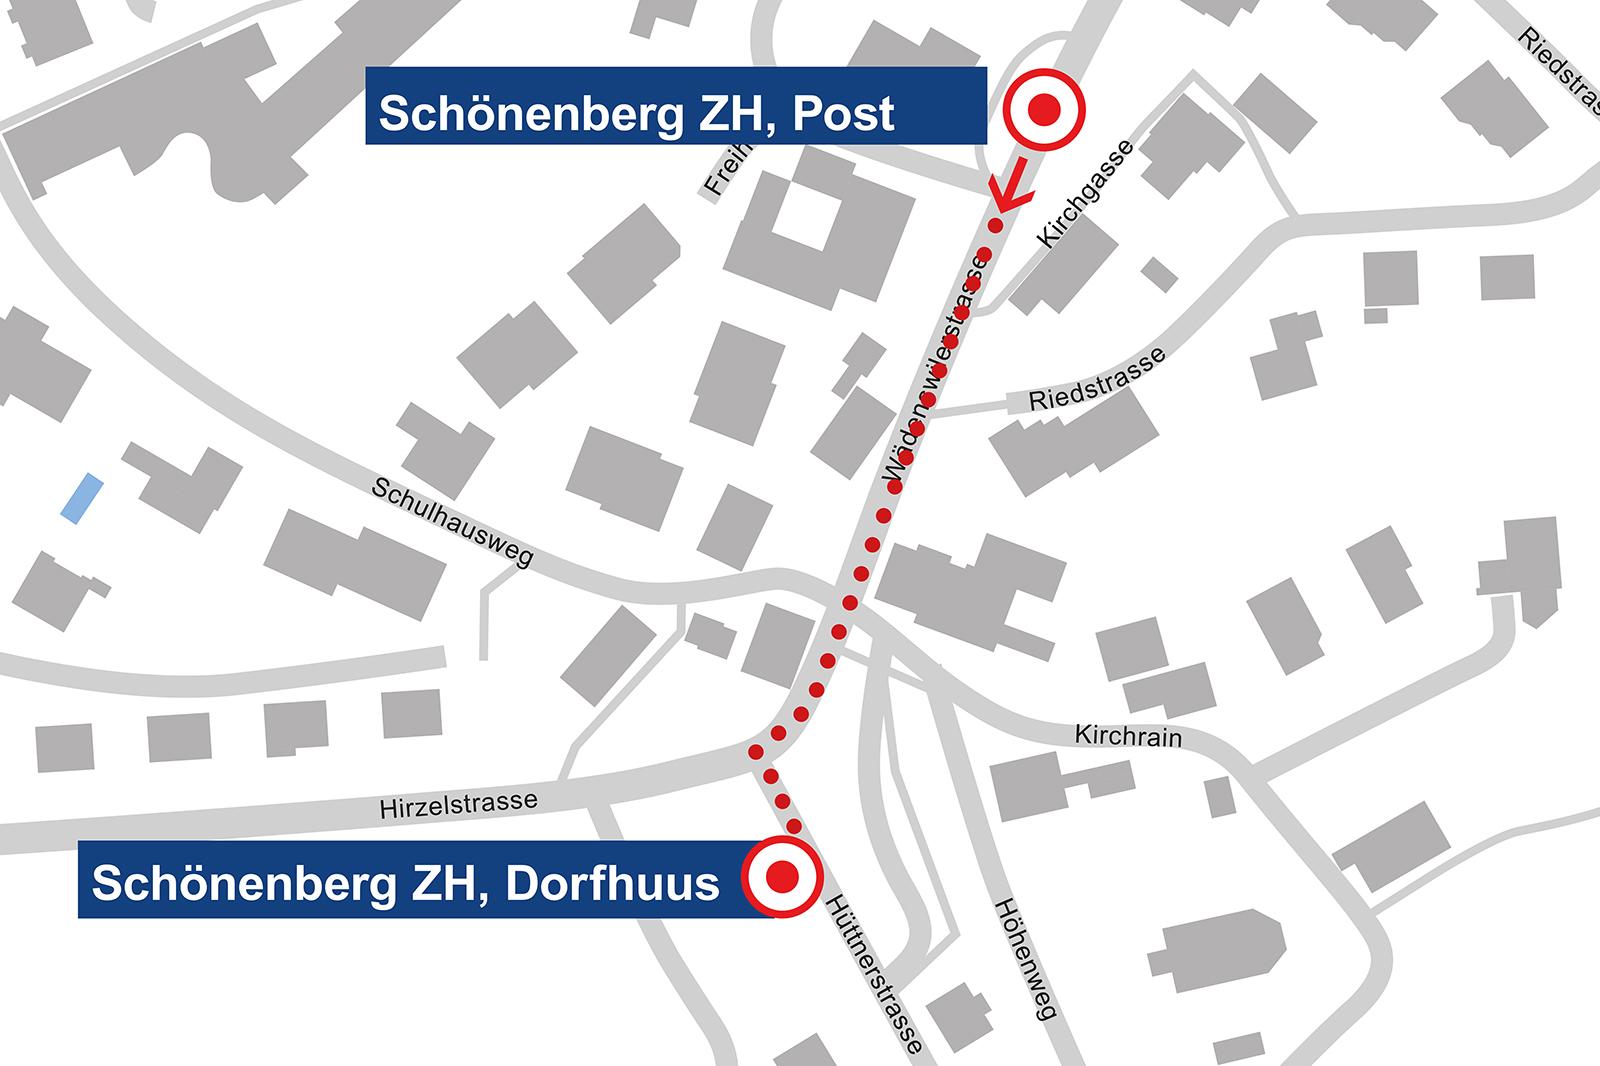 Schönenberg Posti-Haltestelle Dorfhuus